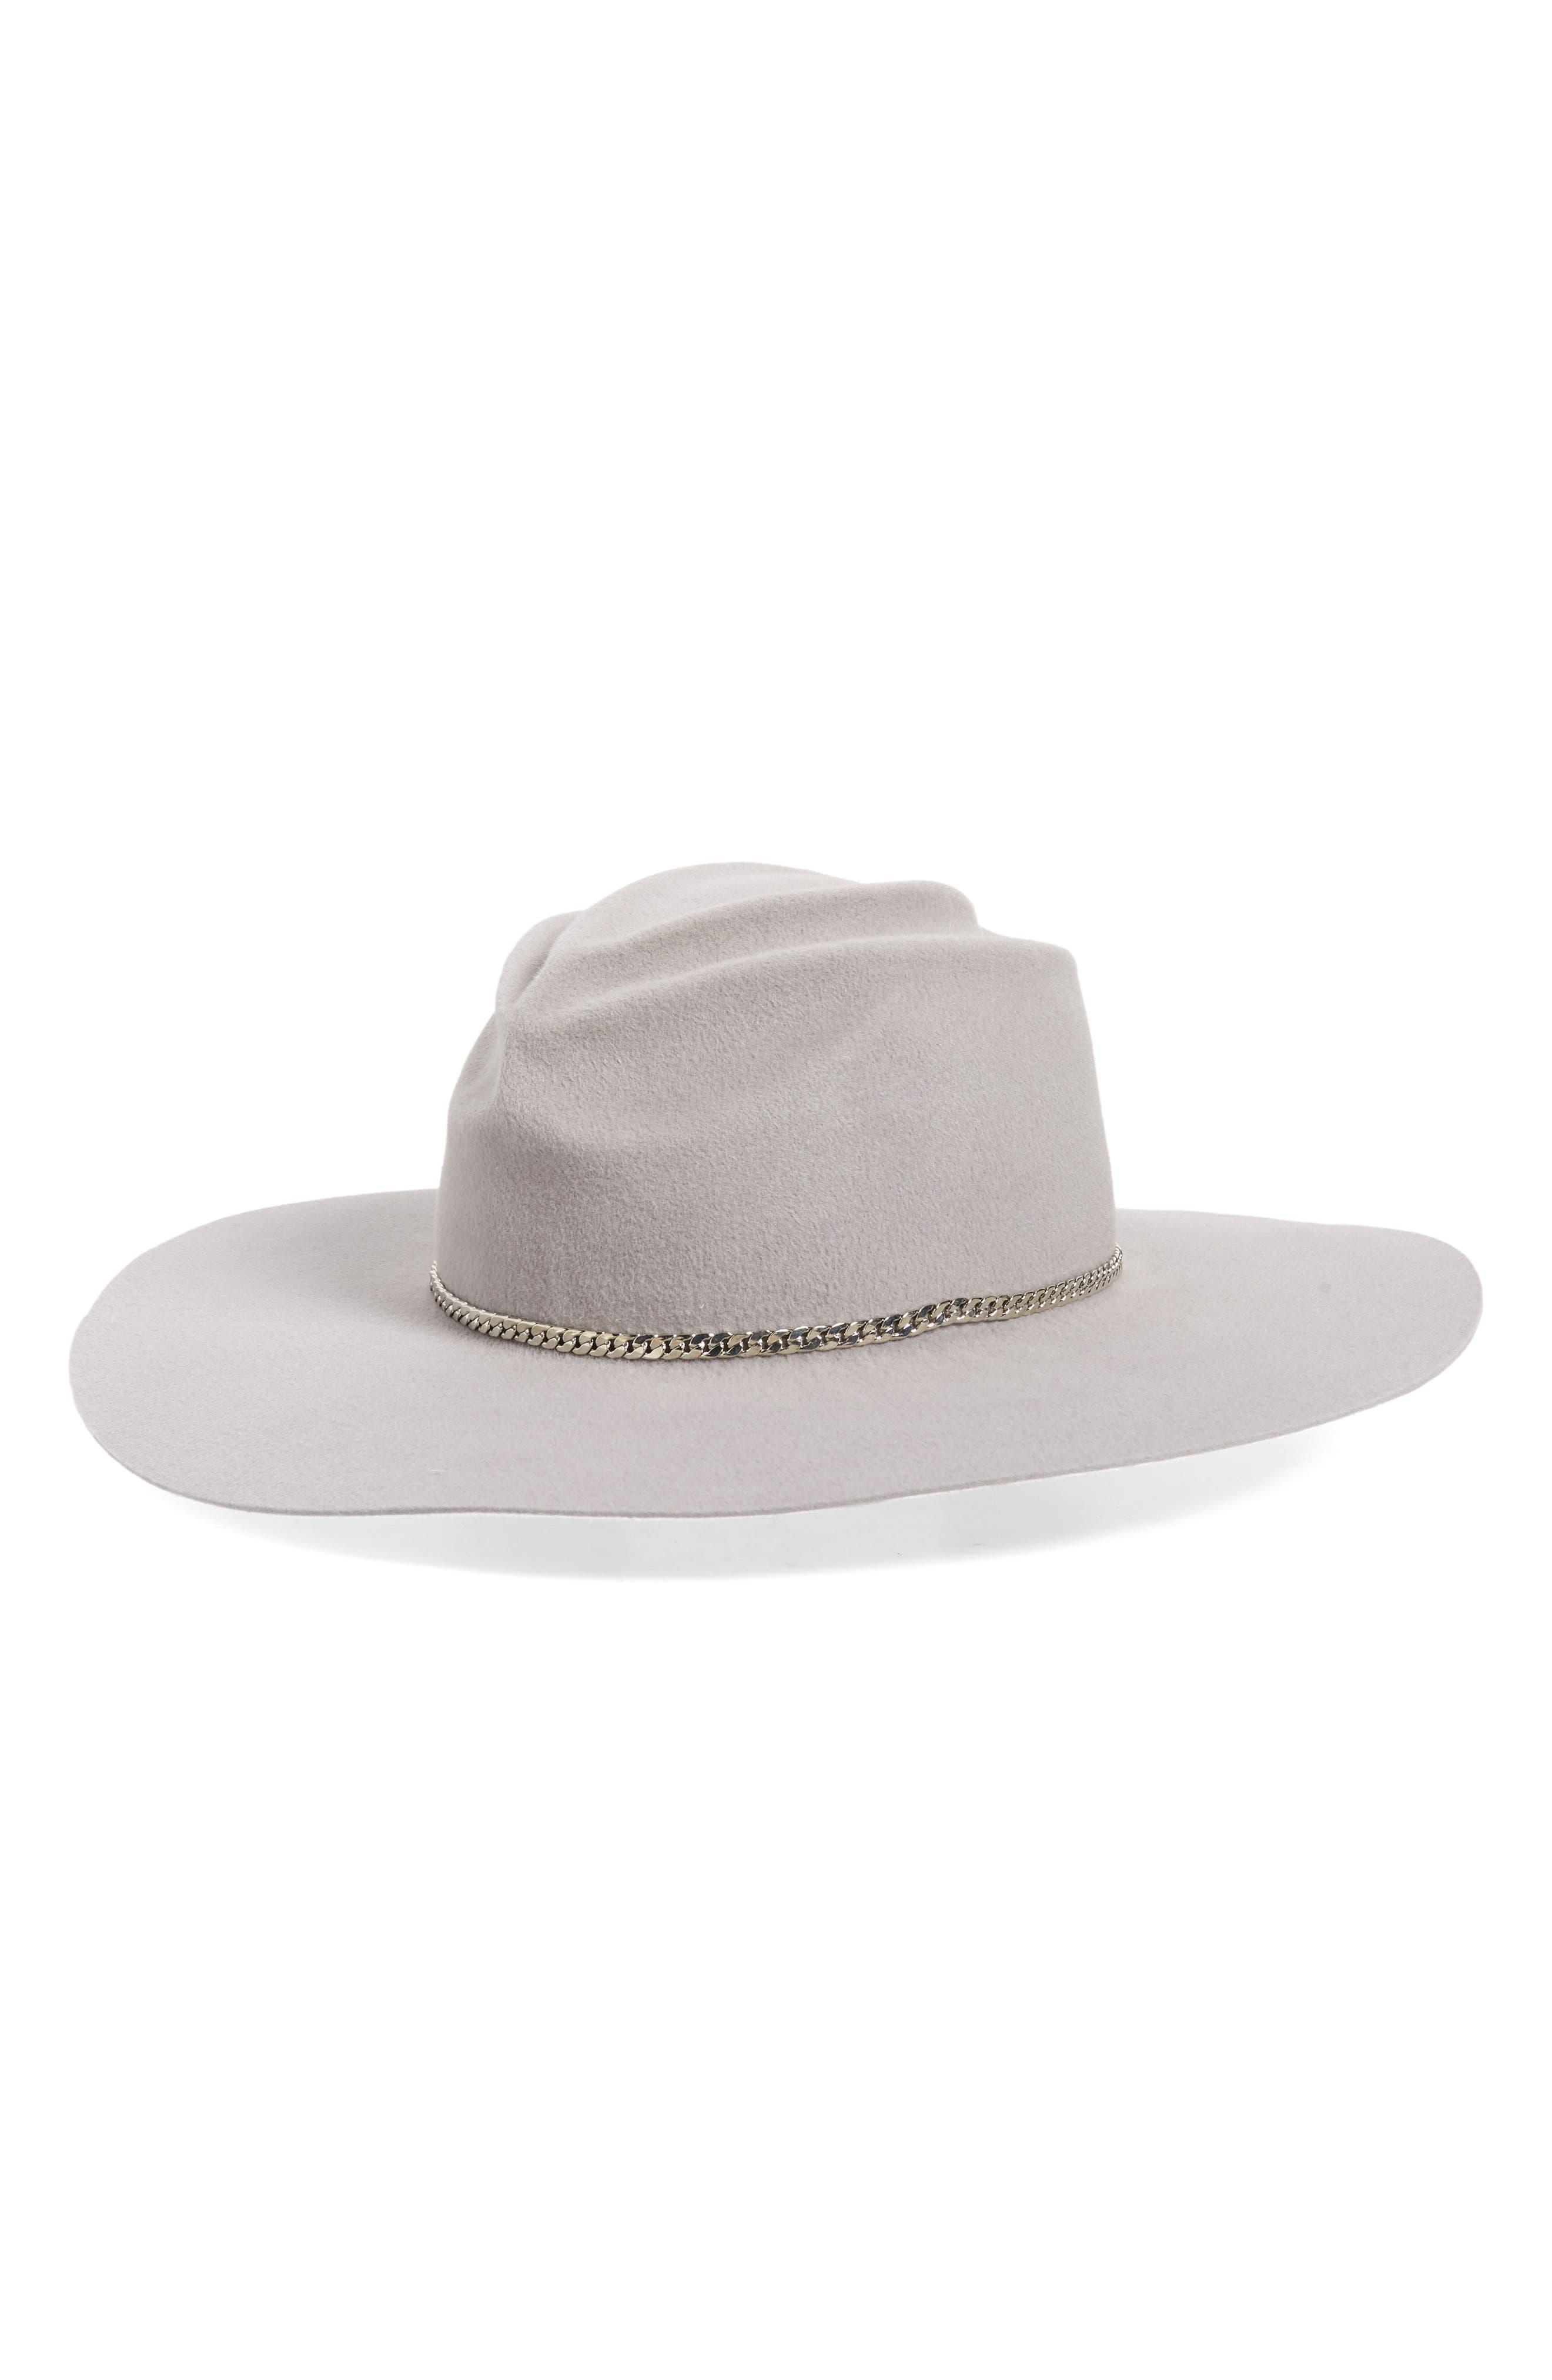 Mason Fur Felt Wide Brim Hat